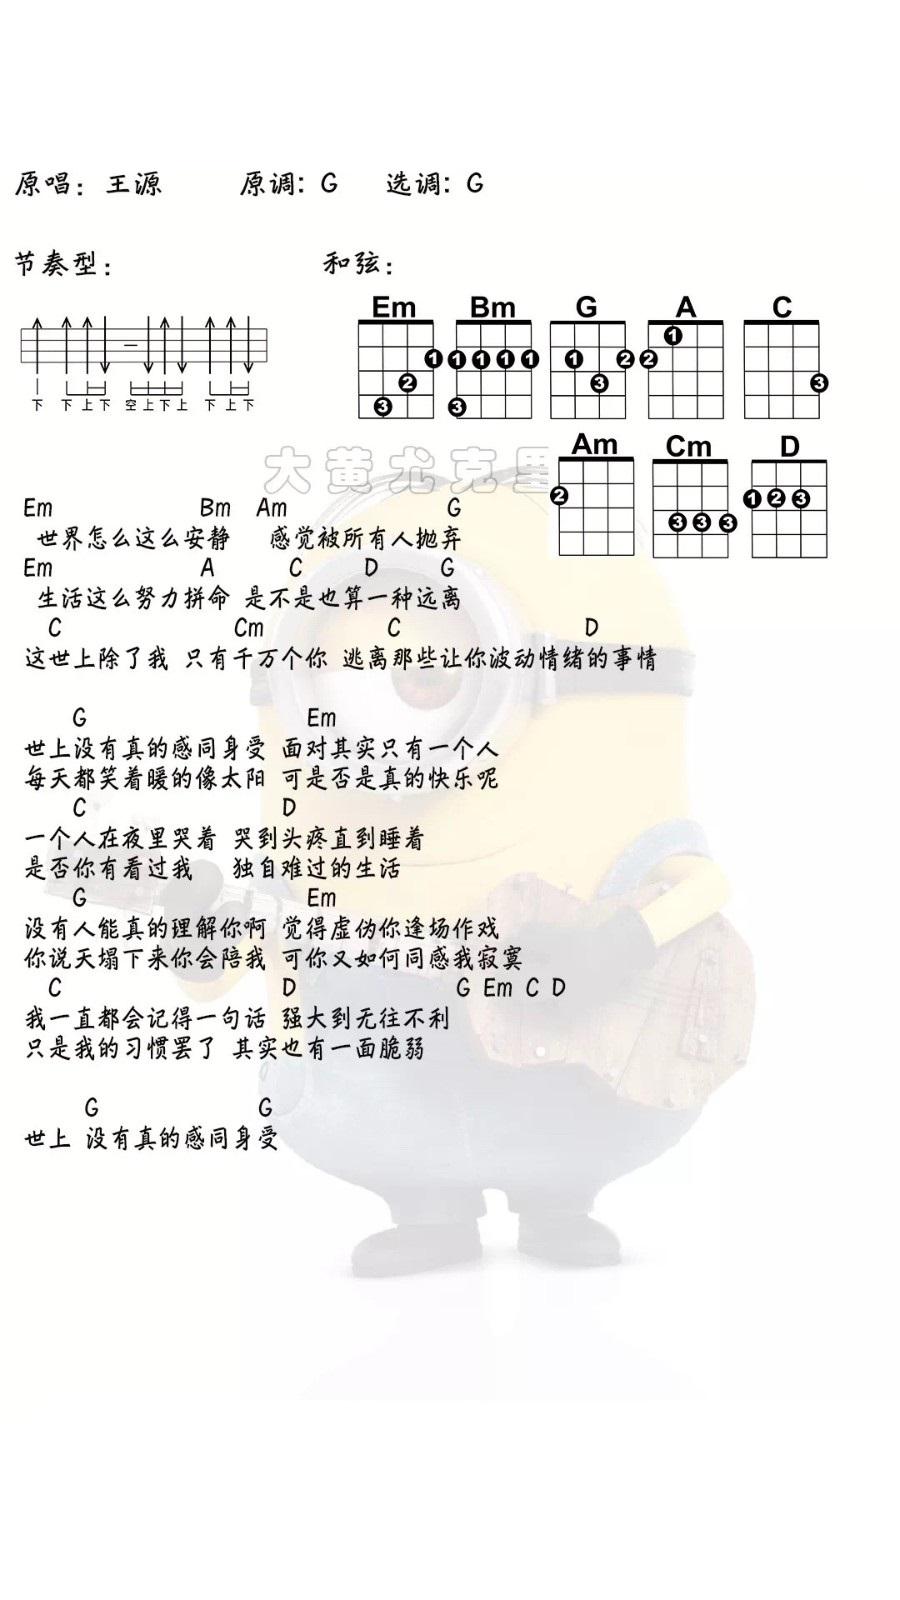 《世界上没有真正的感同身受》王源 尤克里里弹唱曲谱-C大调音乐网